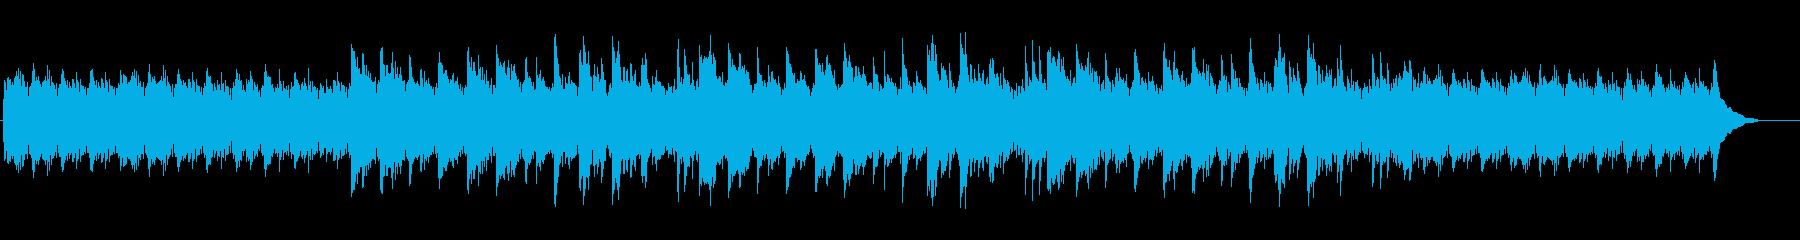 ピアノフレーズが印象的アンビエントBGMの再生済みの波形